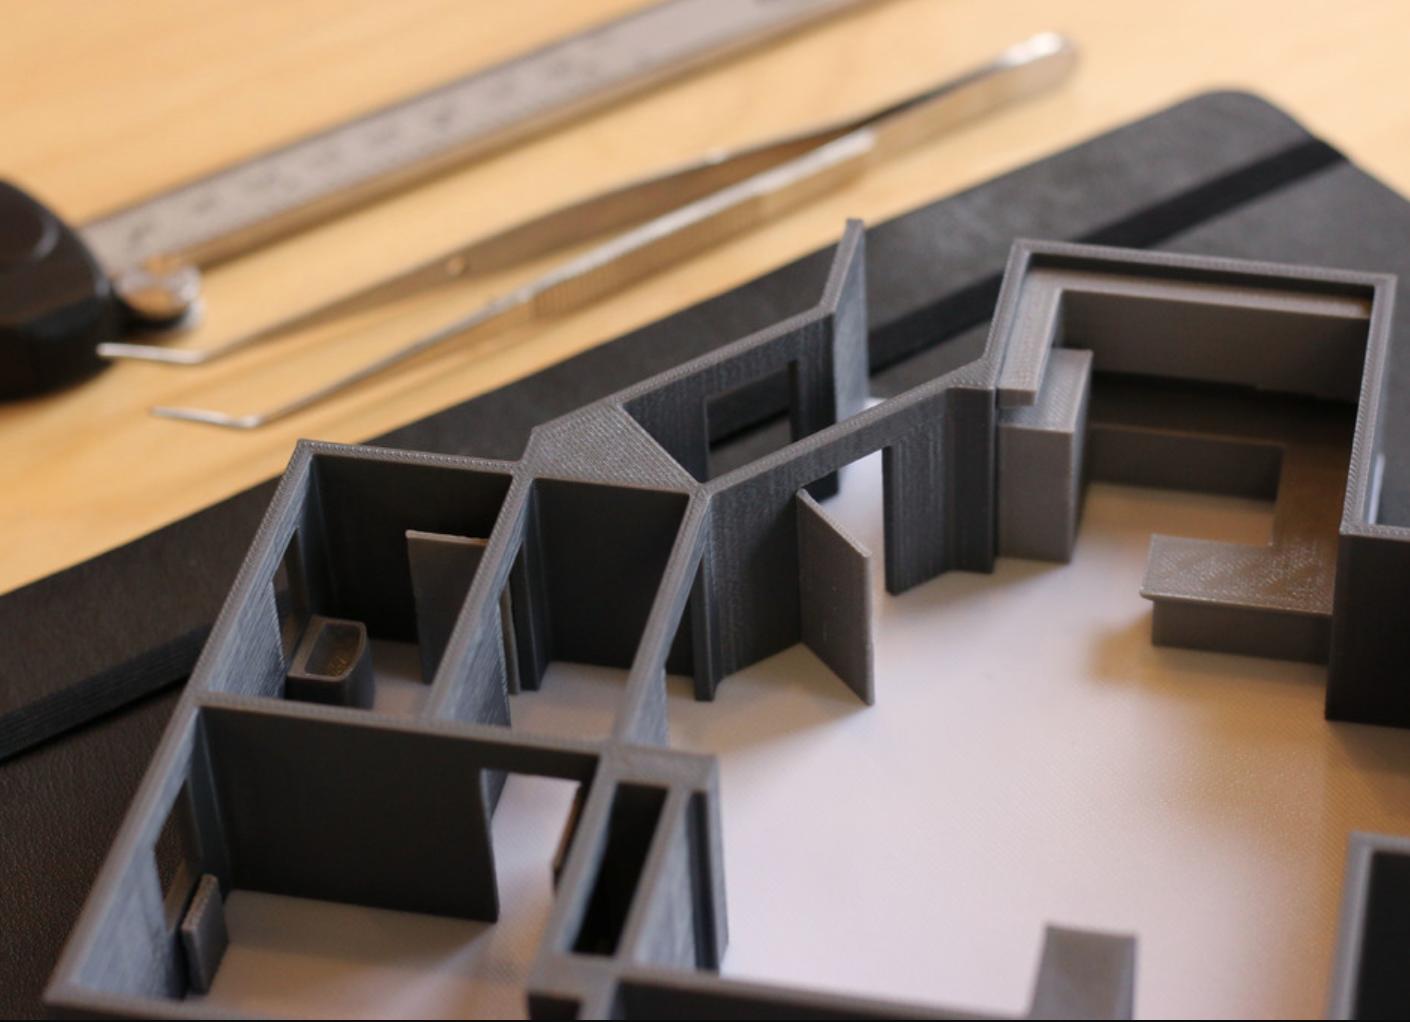 Capture d'écran 2018-01-17 à 15.08.58.png Download free STL file Multi-Color Seinfeld Apartment Set Model • Template to 3D print, MosaicManufacturing